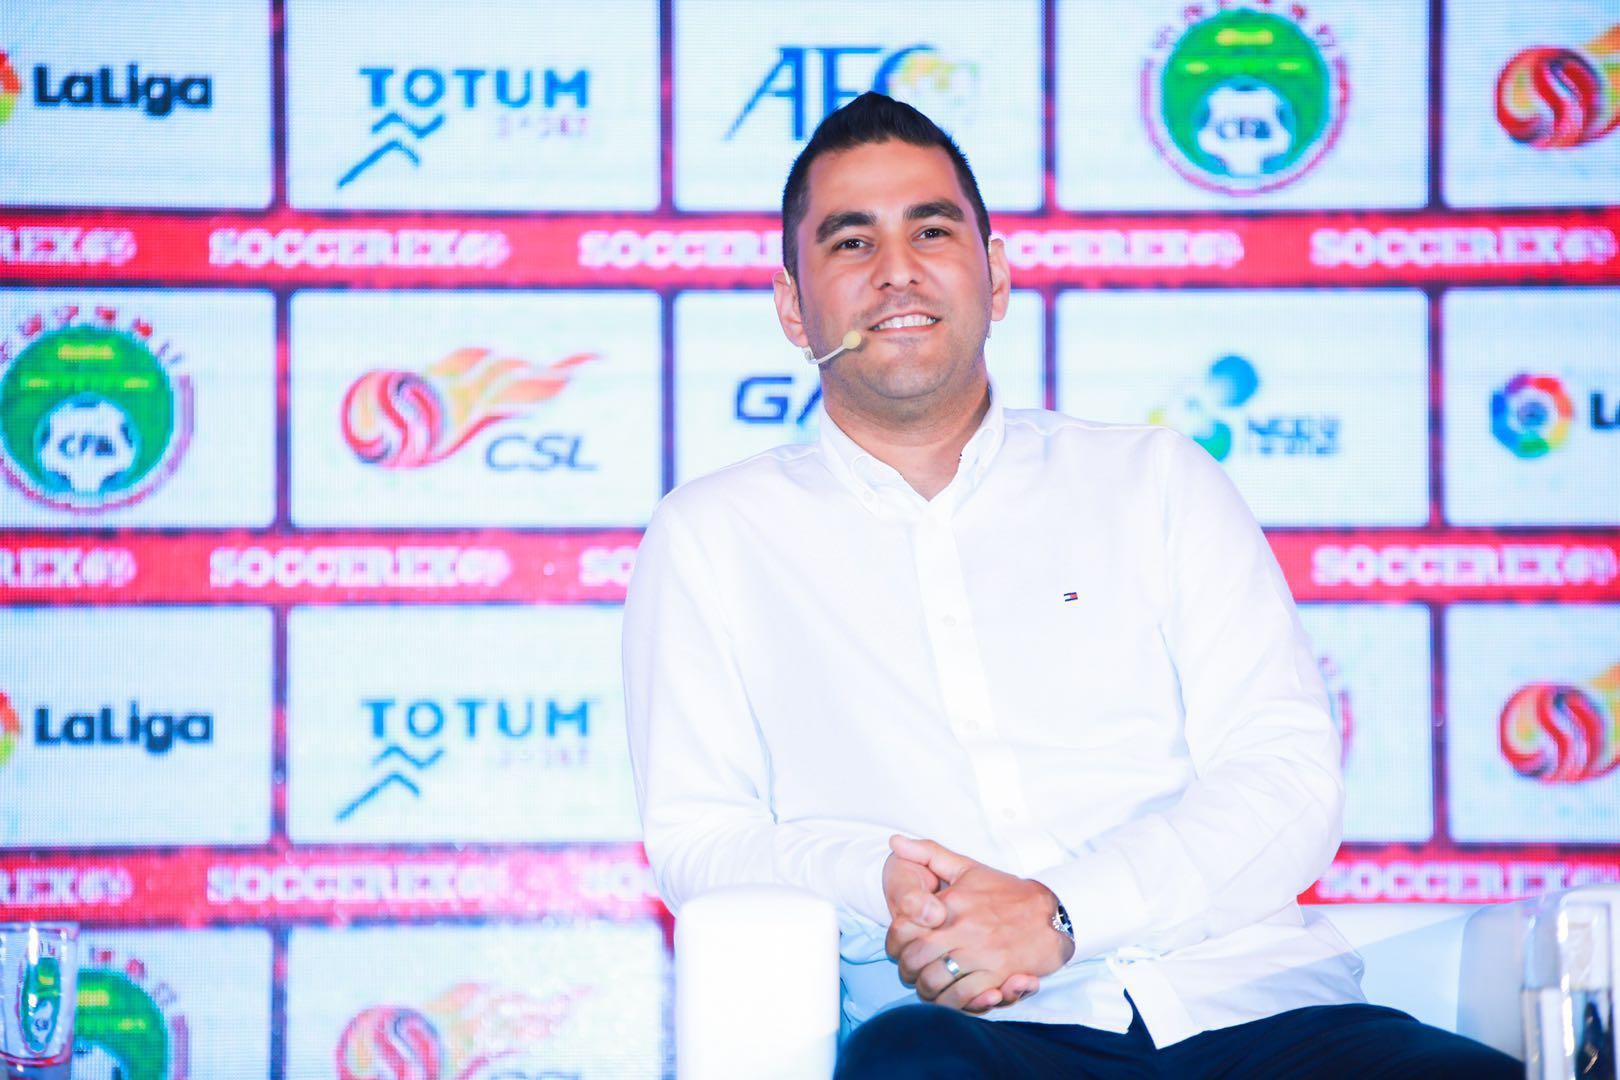 专访厄齐尔经纪人Dr. Erkut:经纪人是良心活,未来厄齐尔会考虑到中国踢球